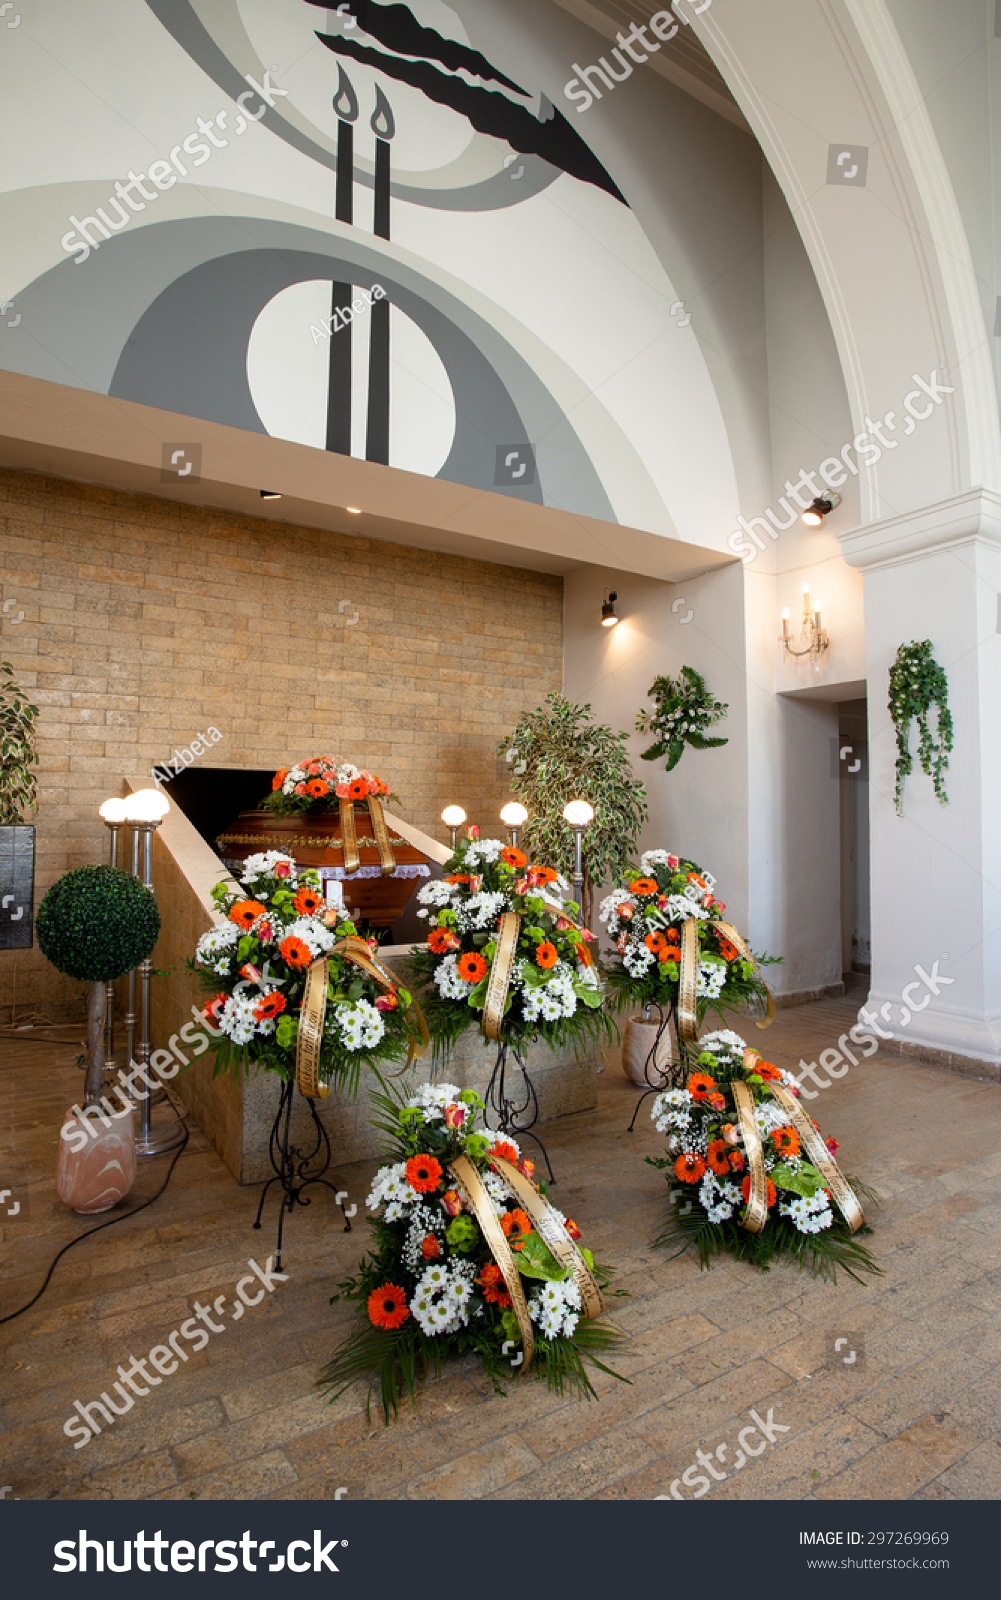 Funeral hall wooden coffin flower decoration stock photo royalty funeral hall with wooden coffin and flower decoration prepared for burial ceremony izmirmasajfo